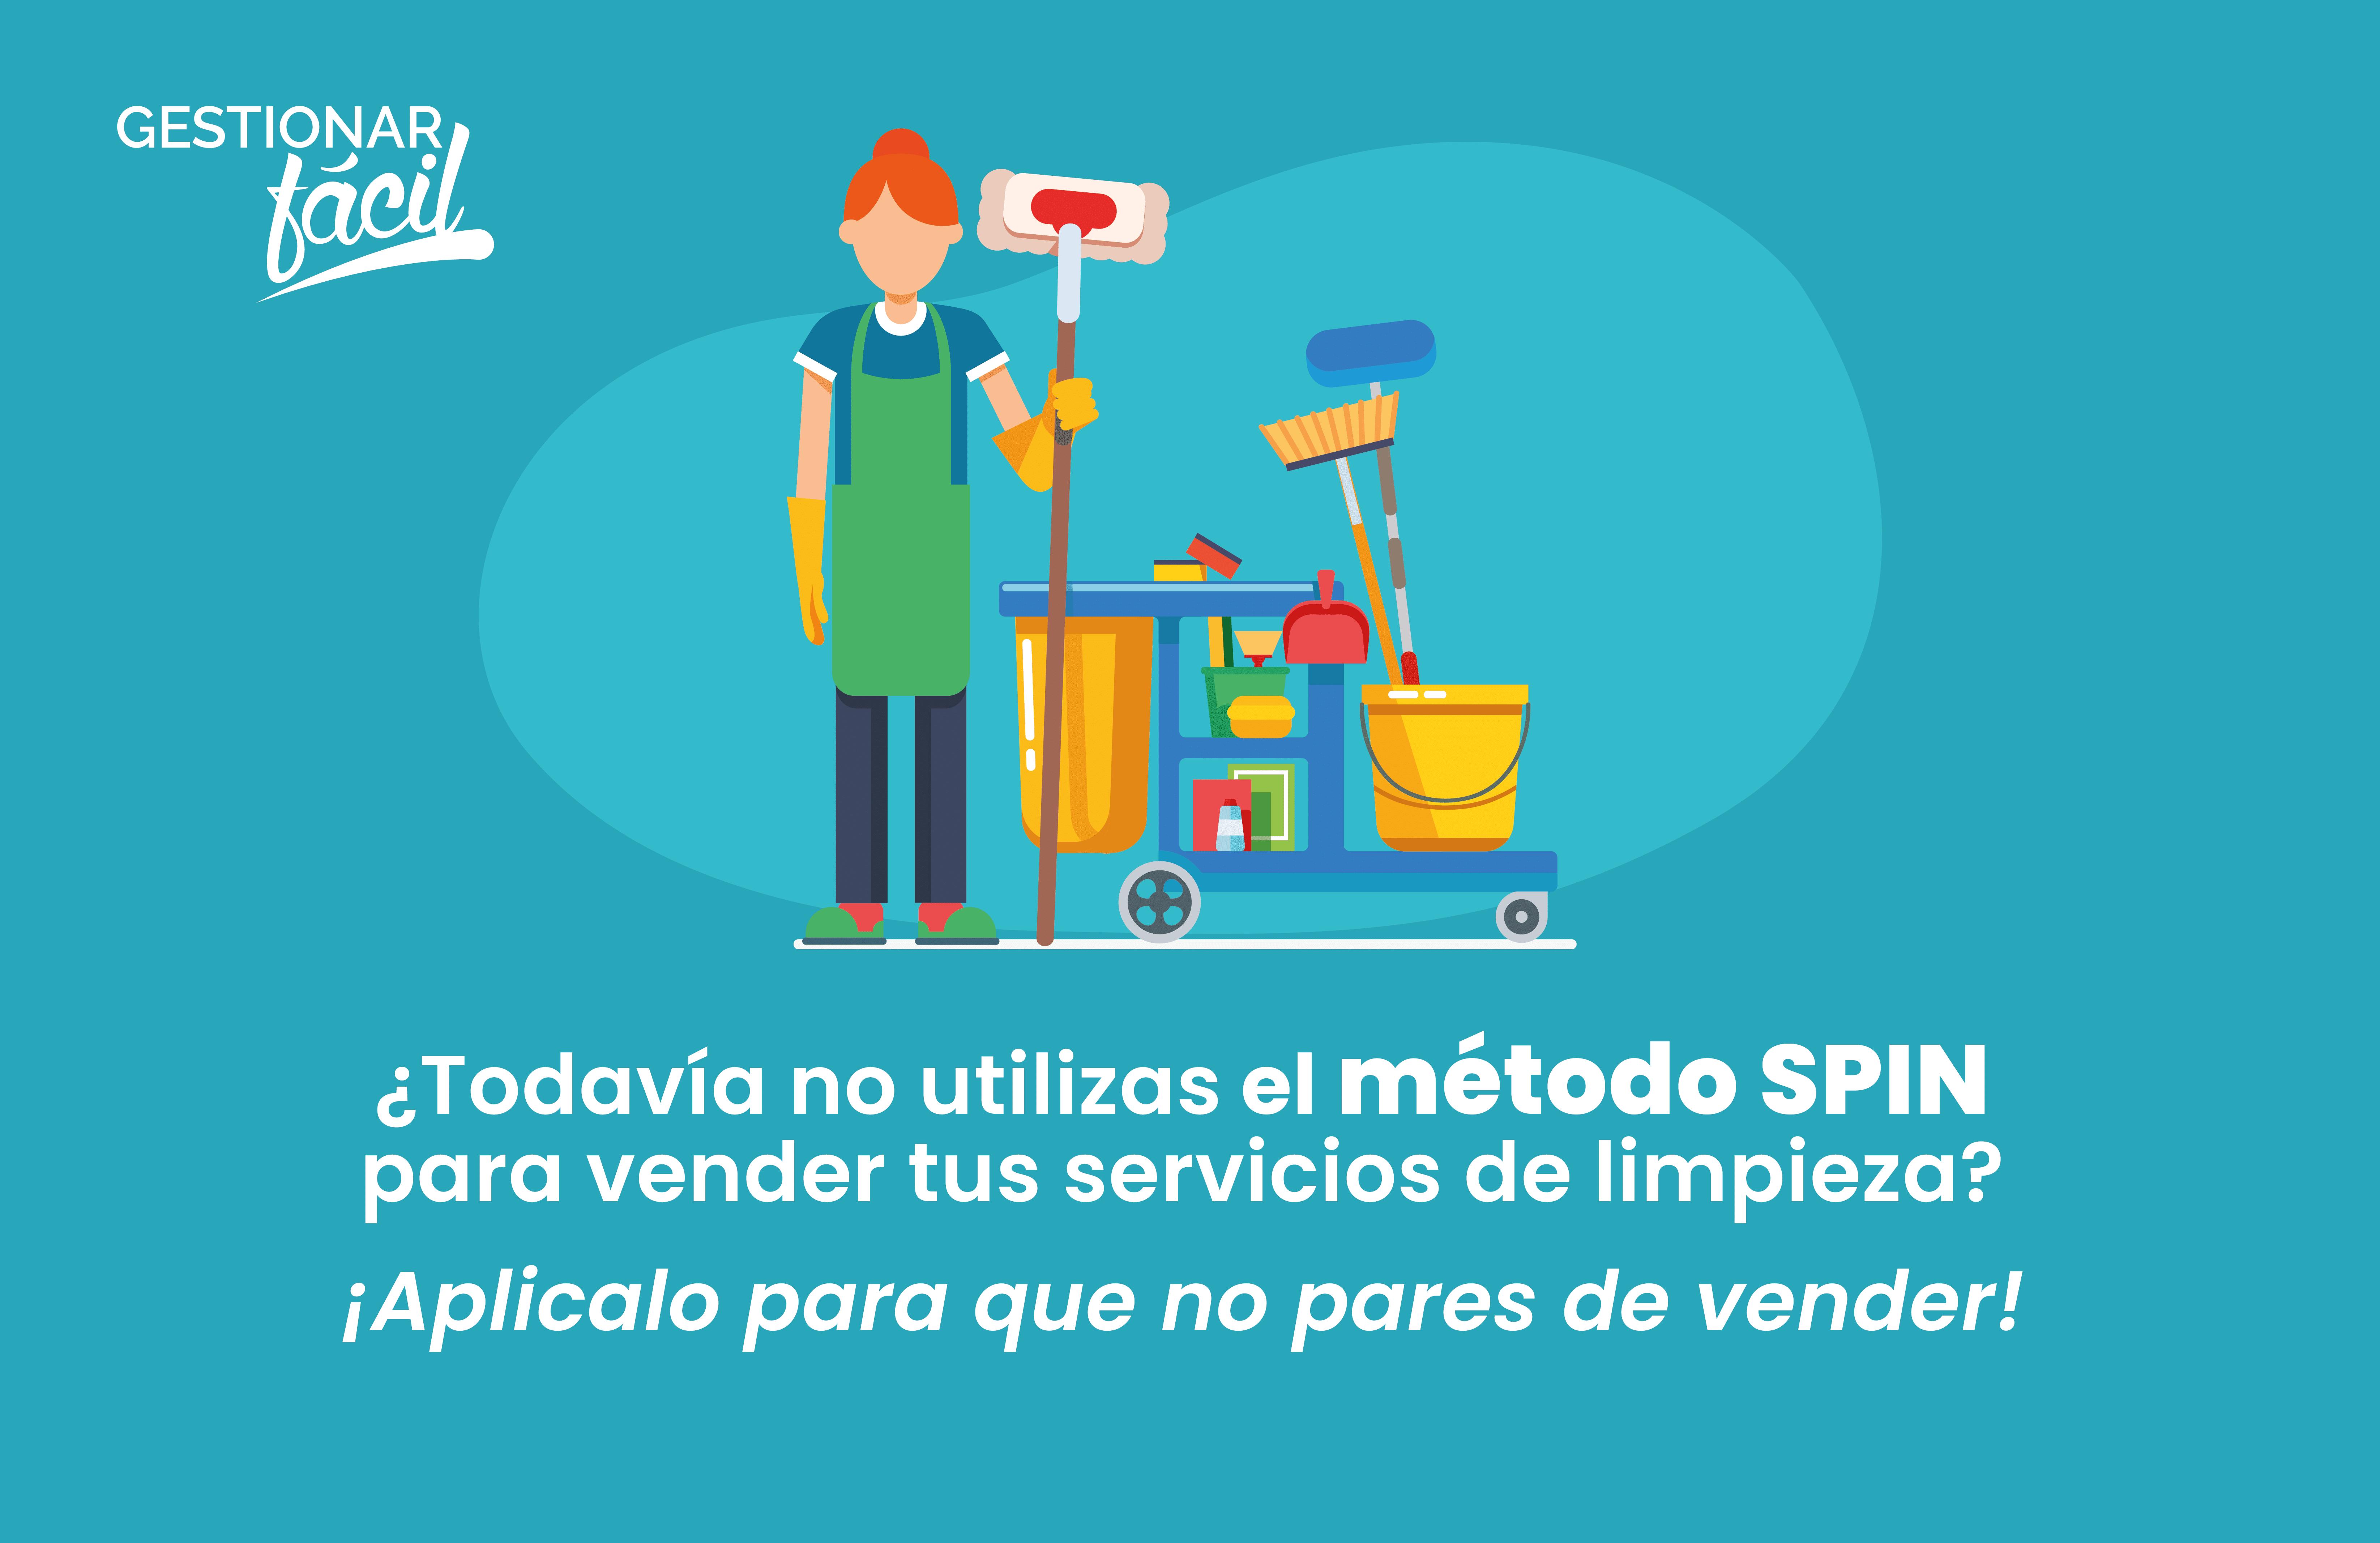 Cómo aplicar el método SPIN para vender servicio de limpieza